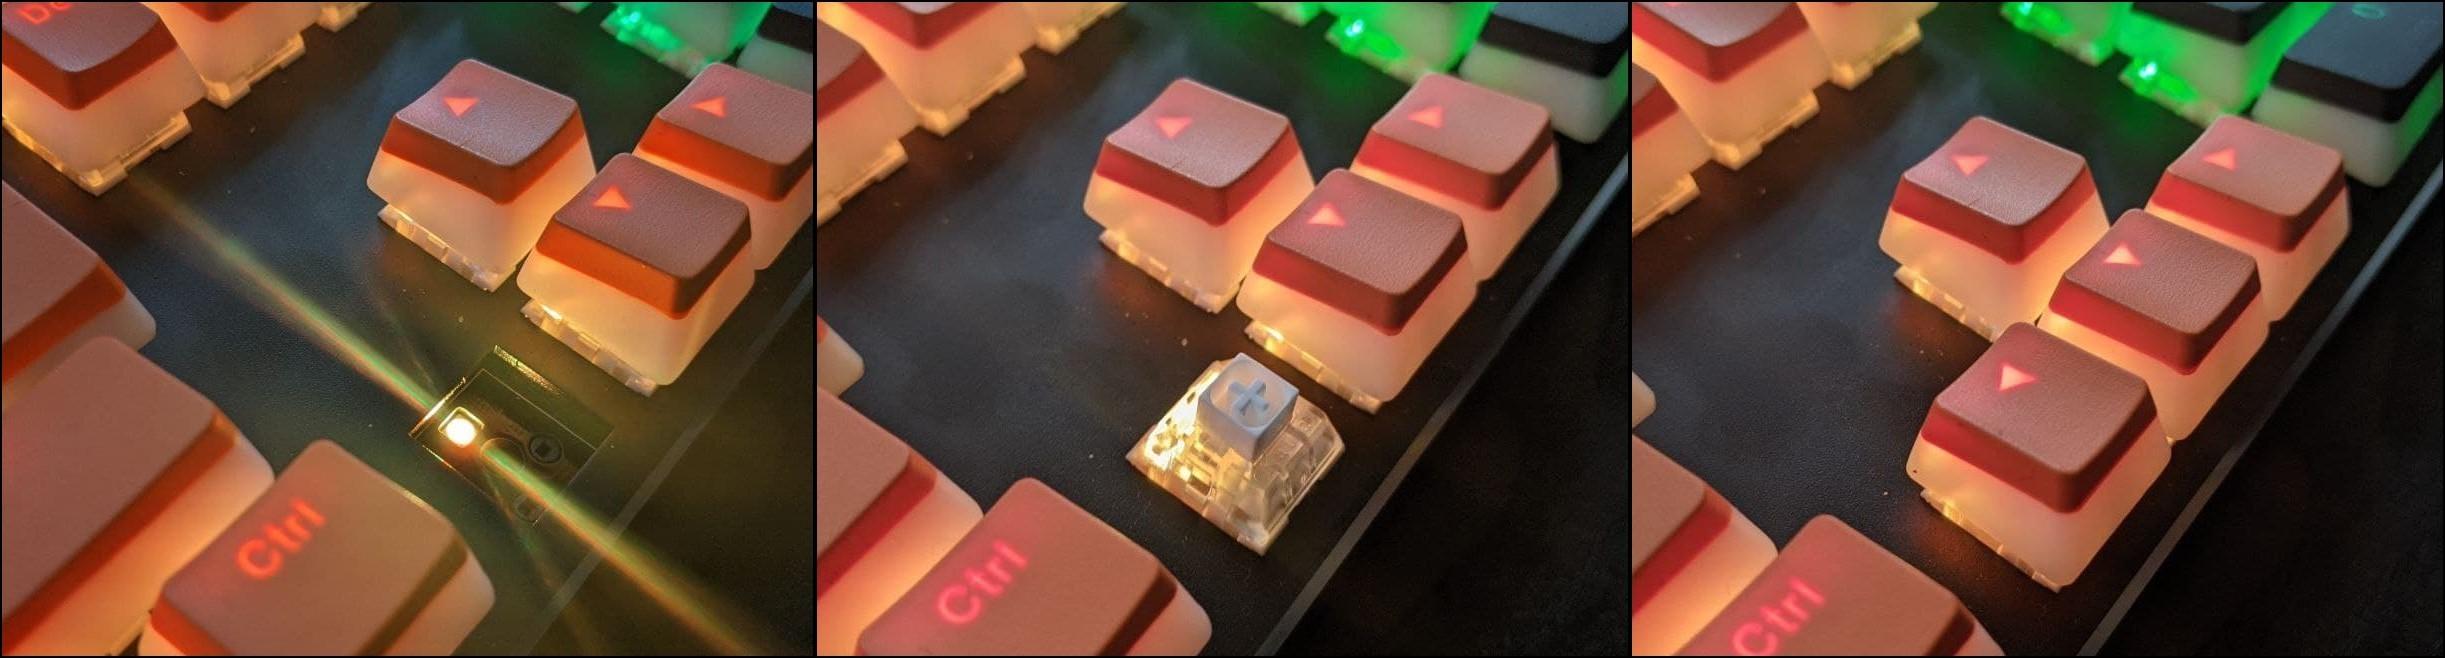 beleuchtung einer mechanischen tastatur im foto